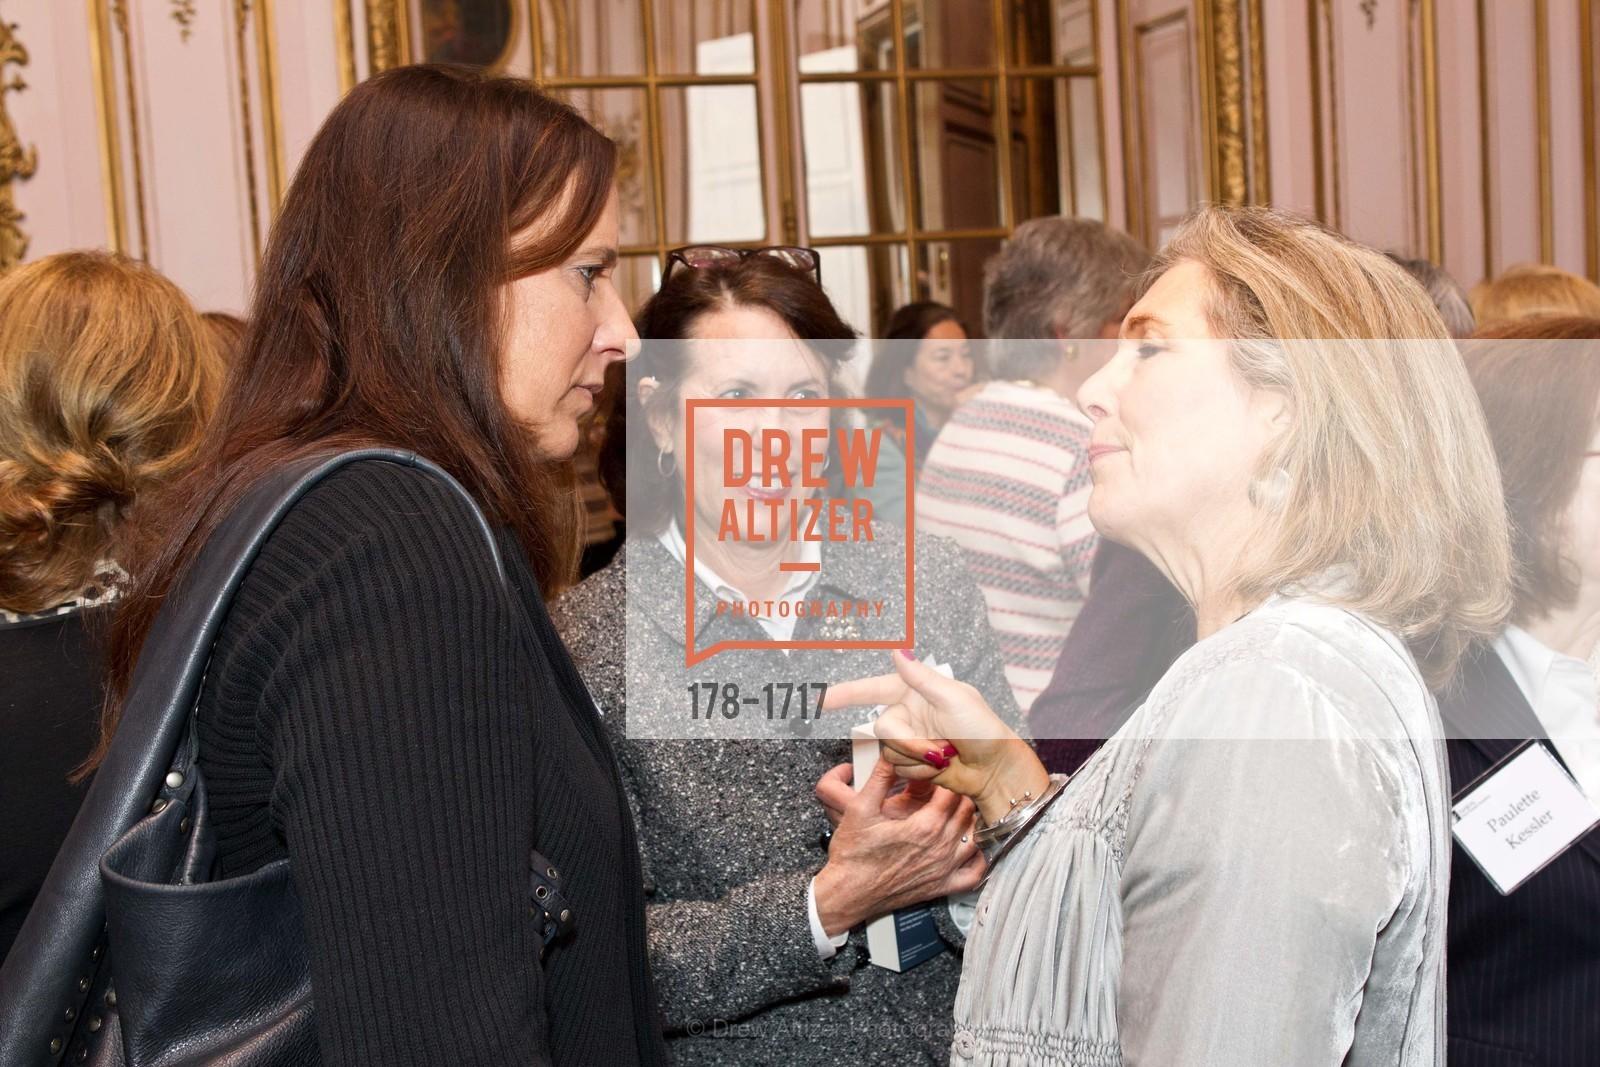 Jill Hamer, Madeleine Levine, Janie Friend, Photo #178-1717